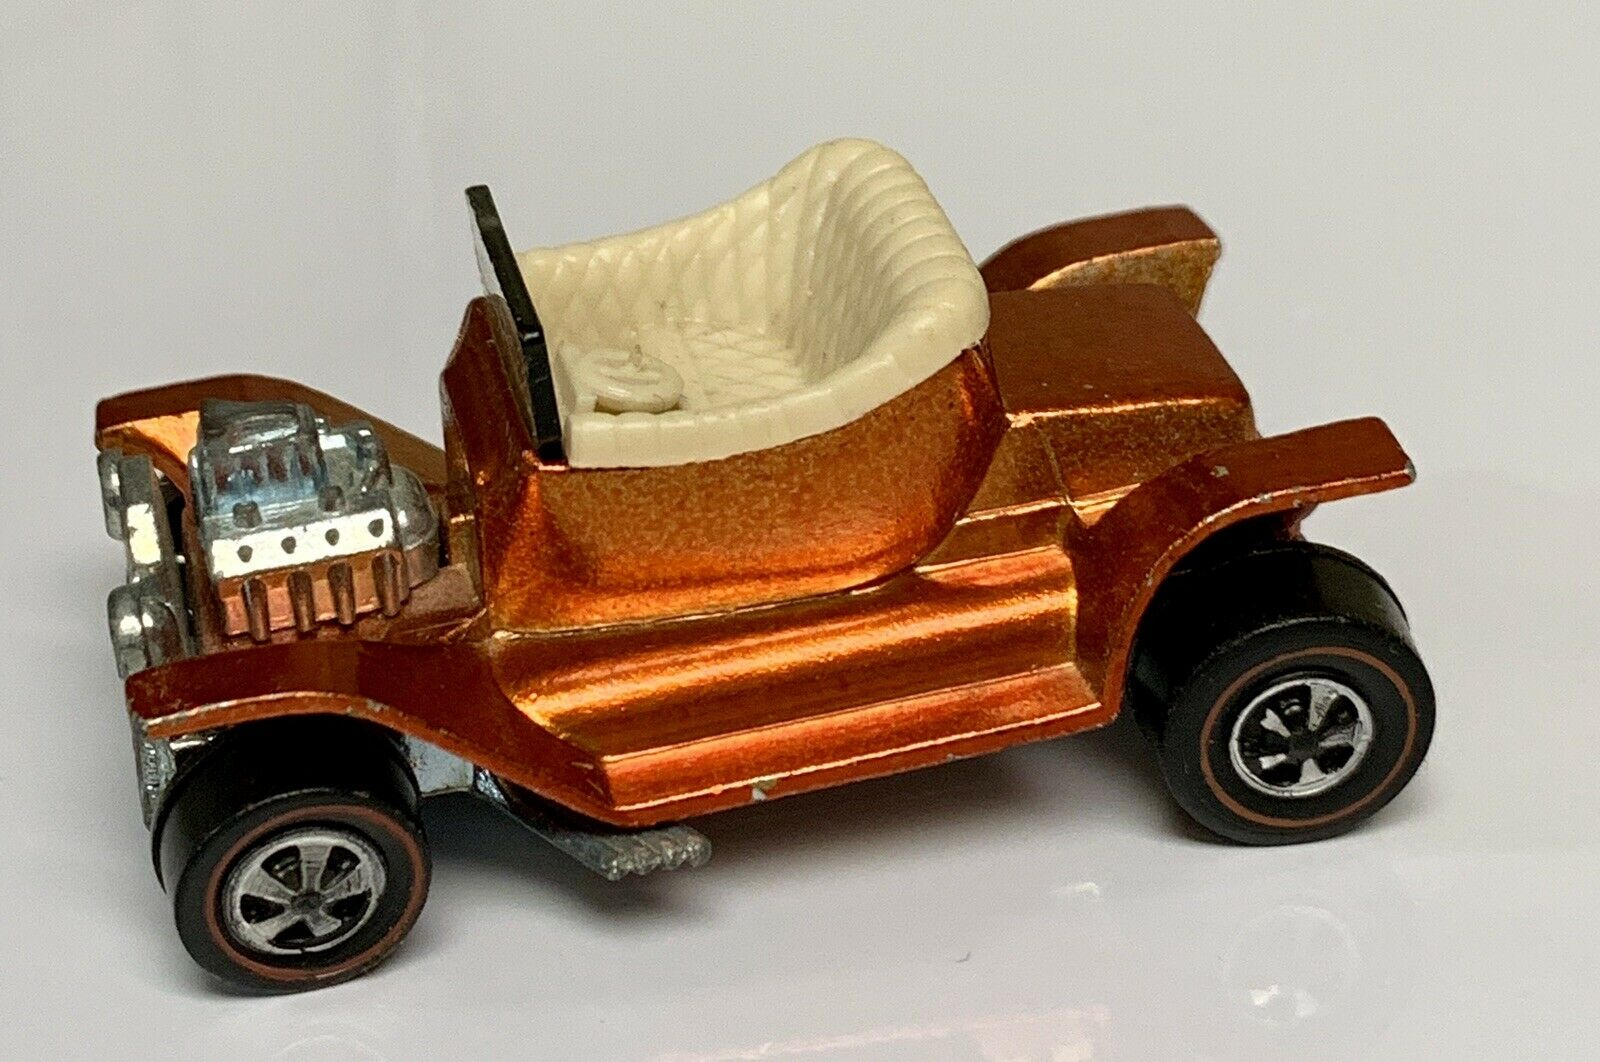 el mas de moda Hot Wheels Wheels Wheels rojoline nos Naranja Hot montón Original Excelente  ordene ahora los precios más bajos